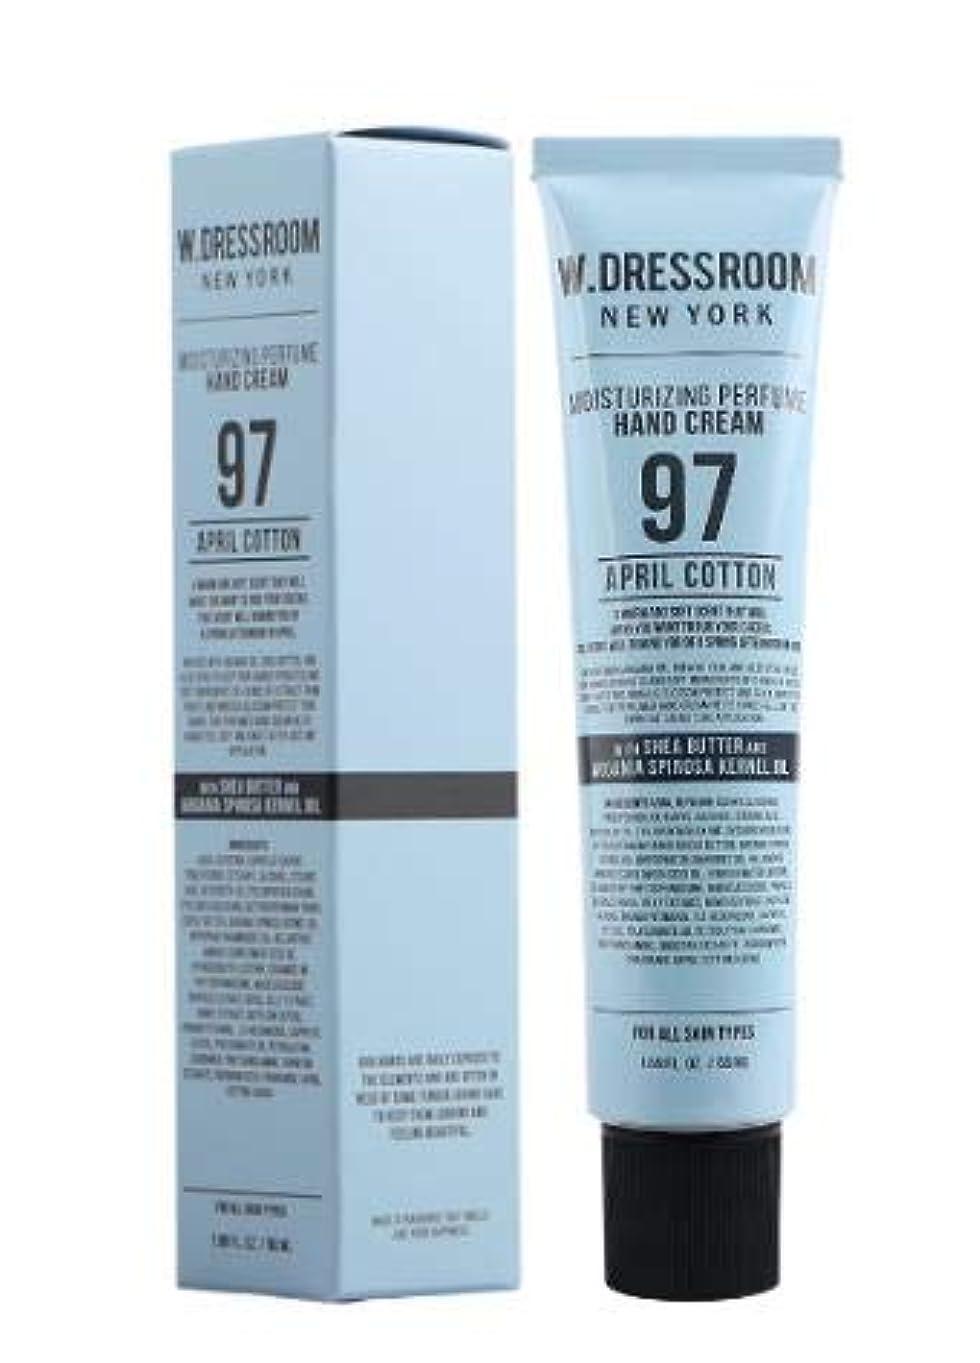 布アイスクリーム人質[Renewal] W.DRESSROOM Perfume Hand Cream (NO.97 APRIL COTTON) /パフューム ハンドクリーム [並行輸入品]